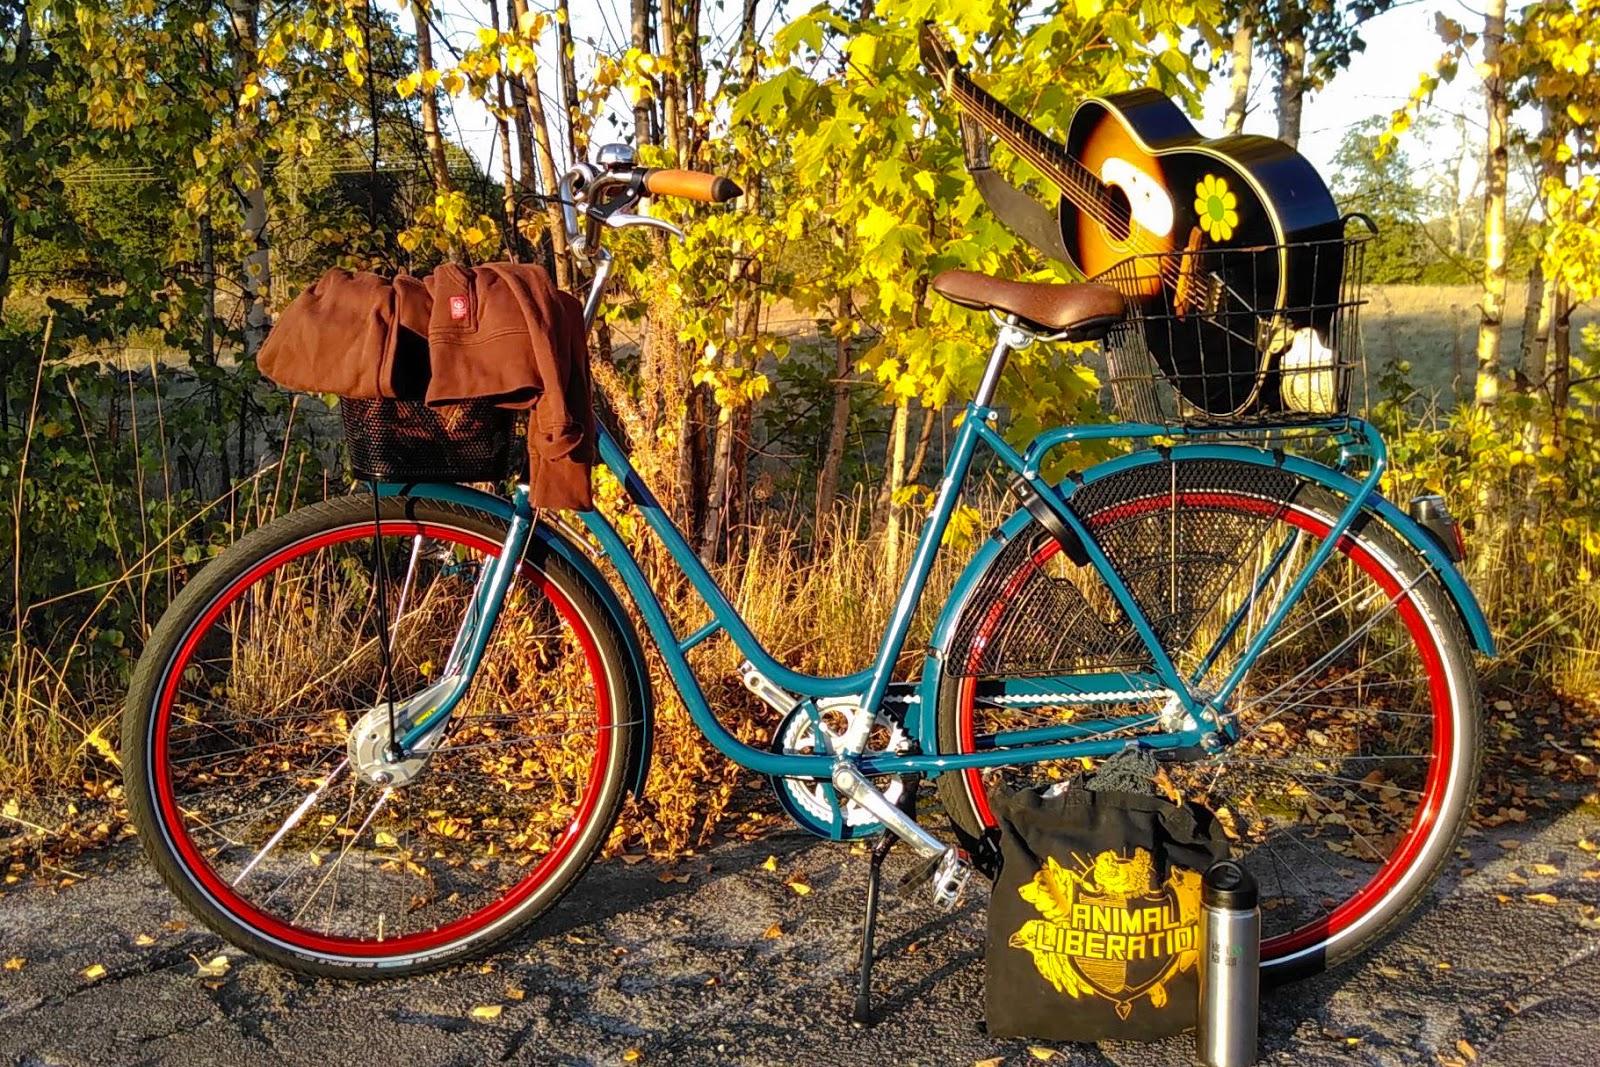 Pilen Lyx Special Blå helfärgad. Extrautrustning: röda fälgar, centralstöd Atran Moove och handtag Primergo kork.